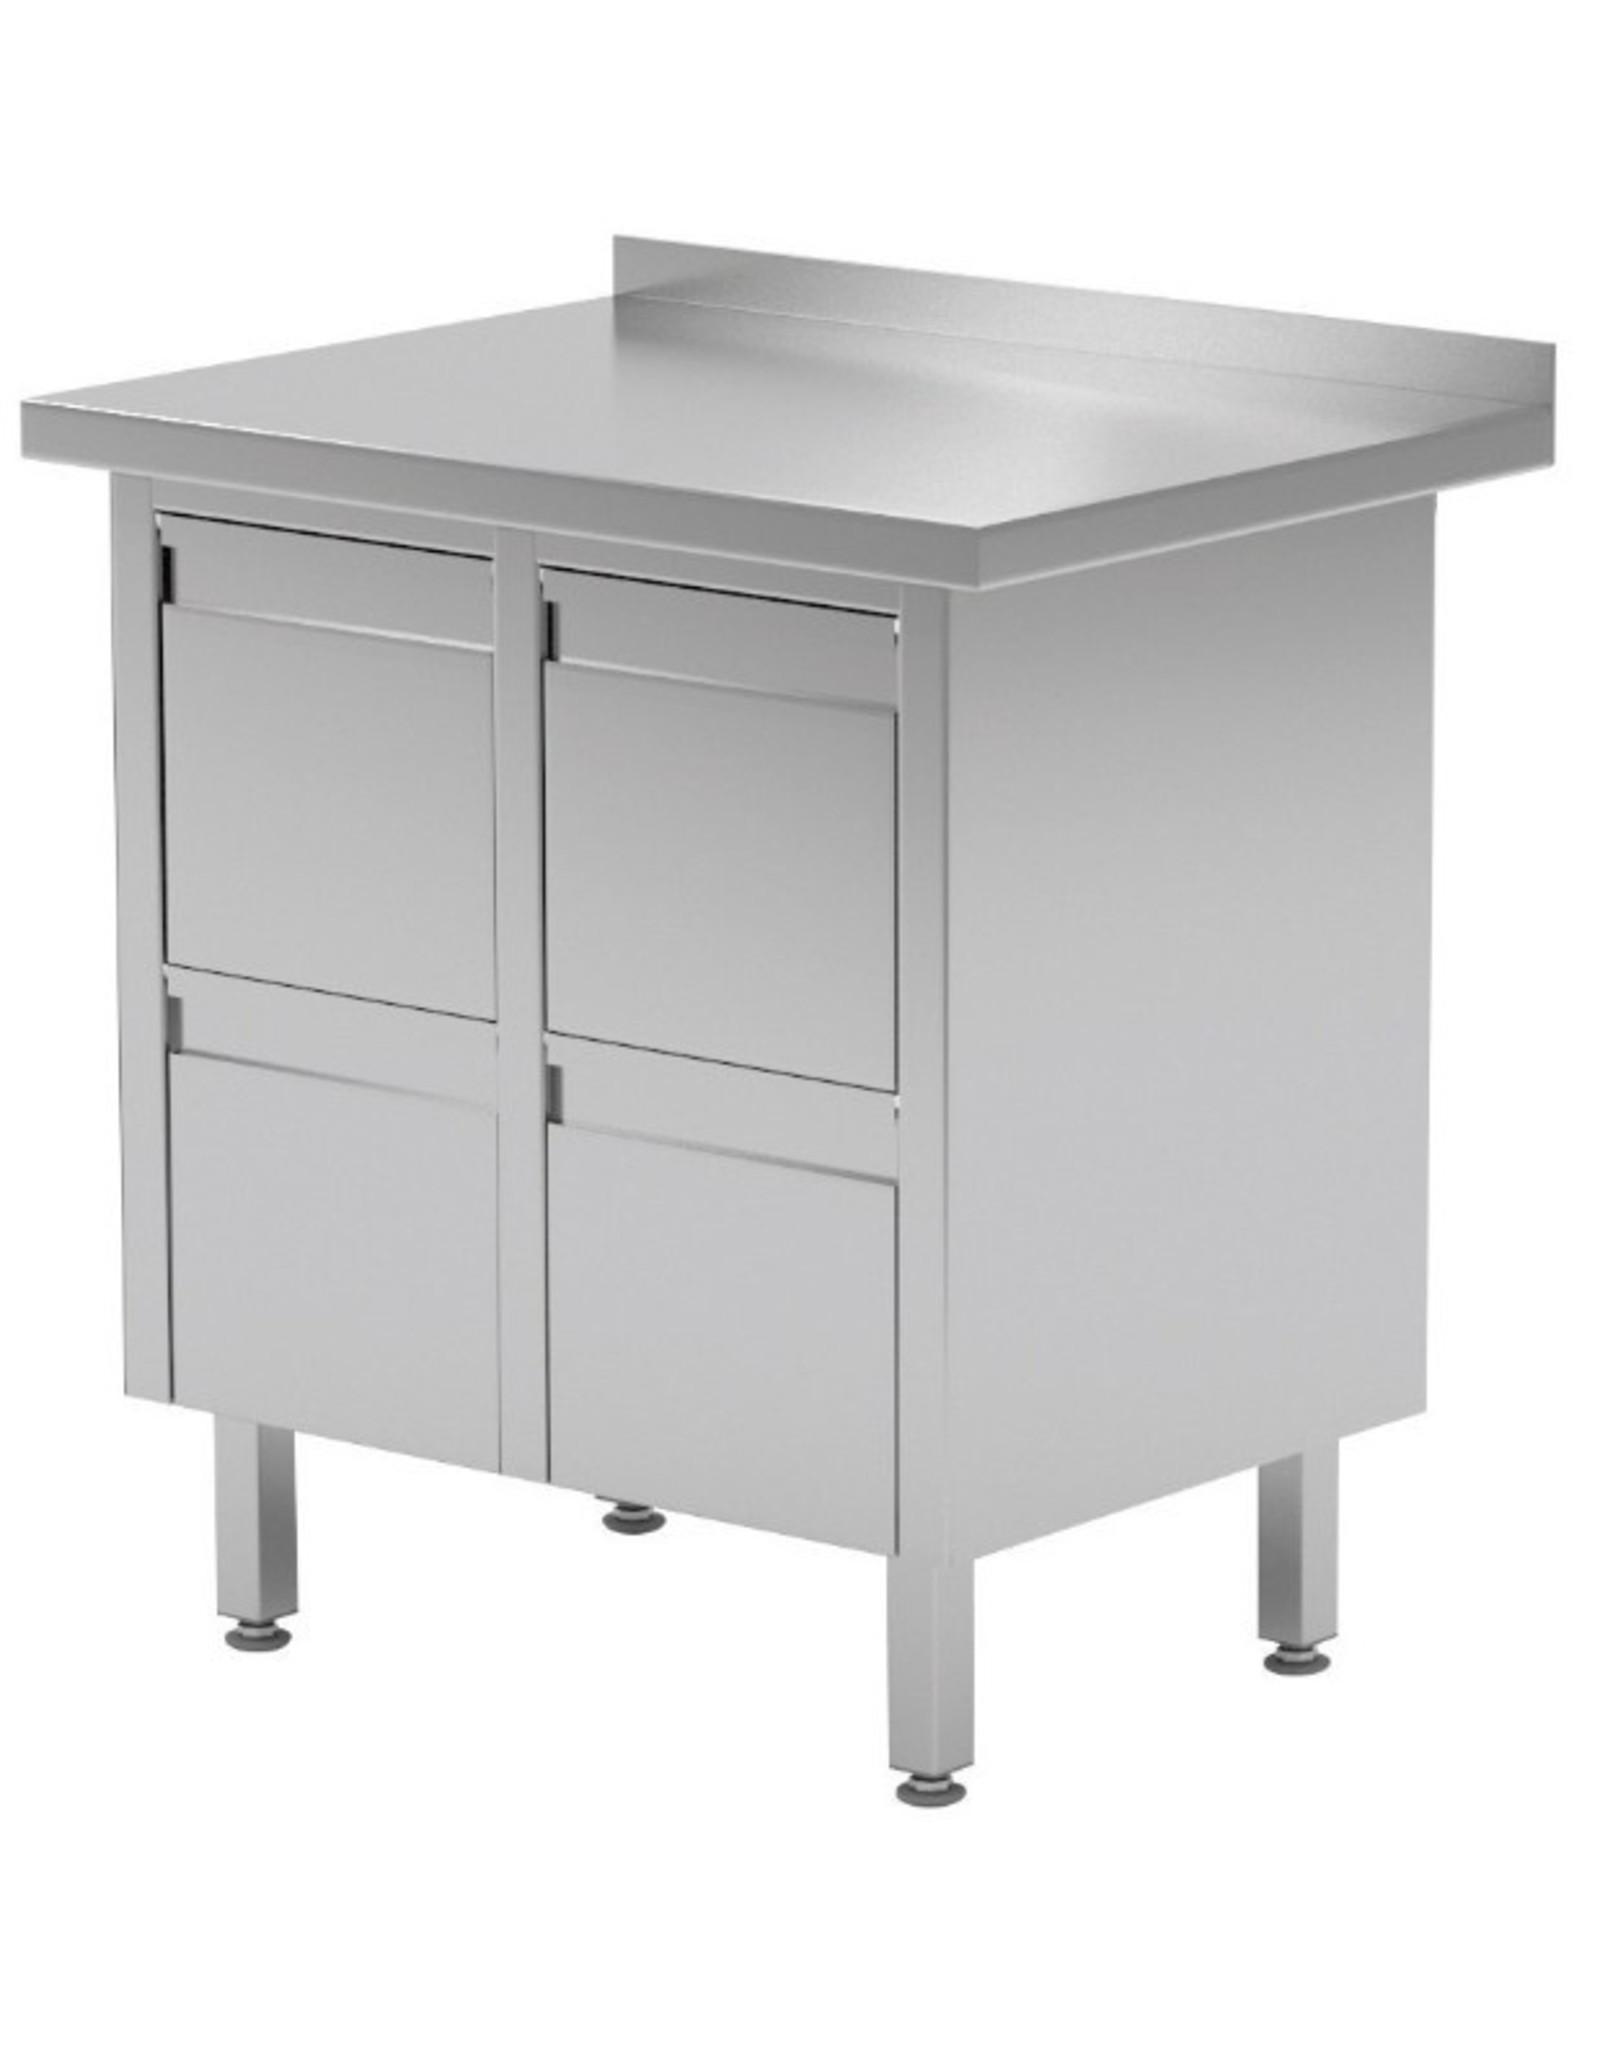 Werktafel met 4 lades | 830mm breed | 600 of 700mm diep